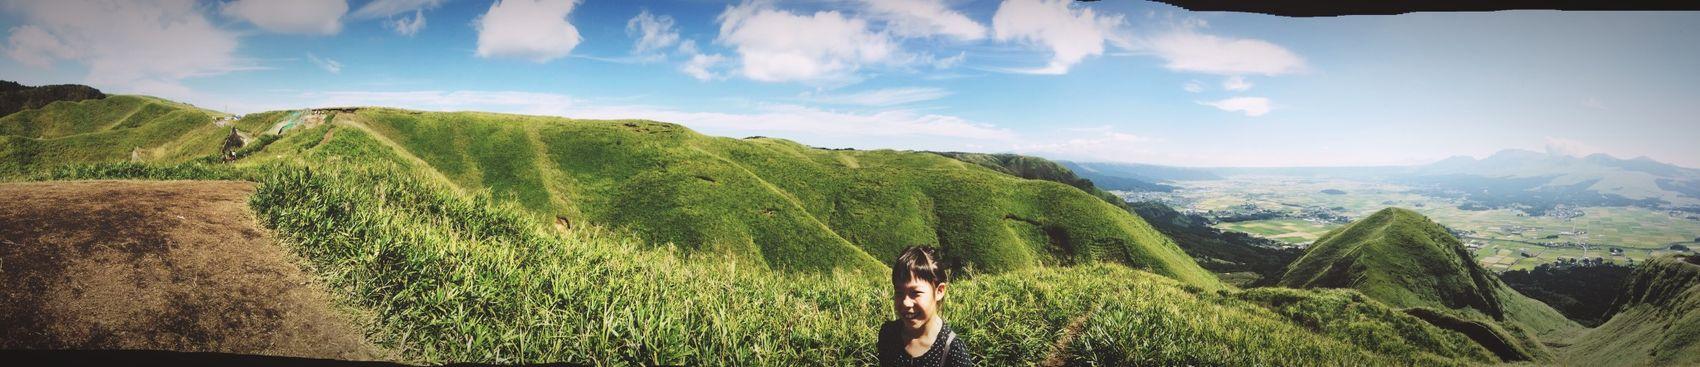 Panorama Taking Photos Traveling Green